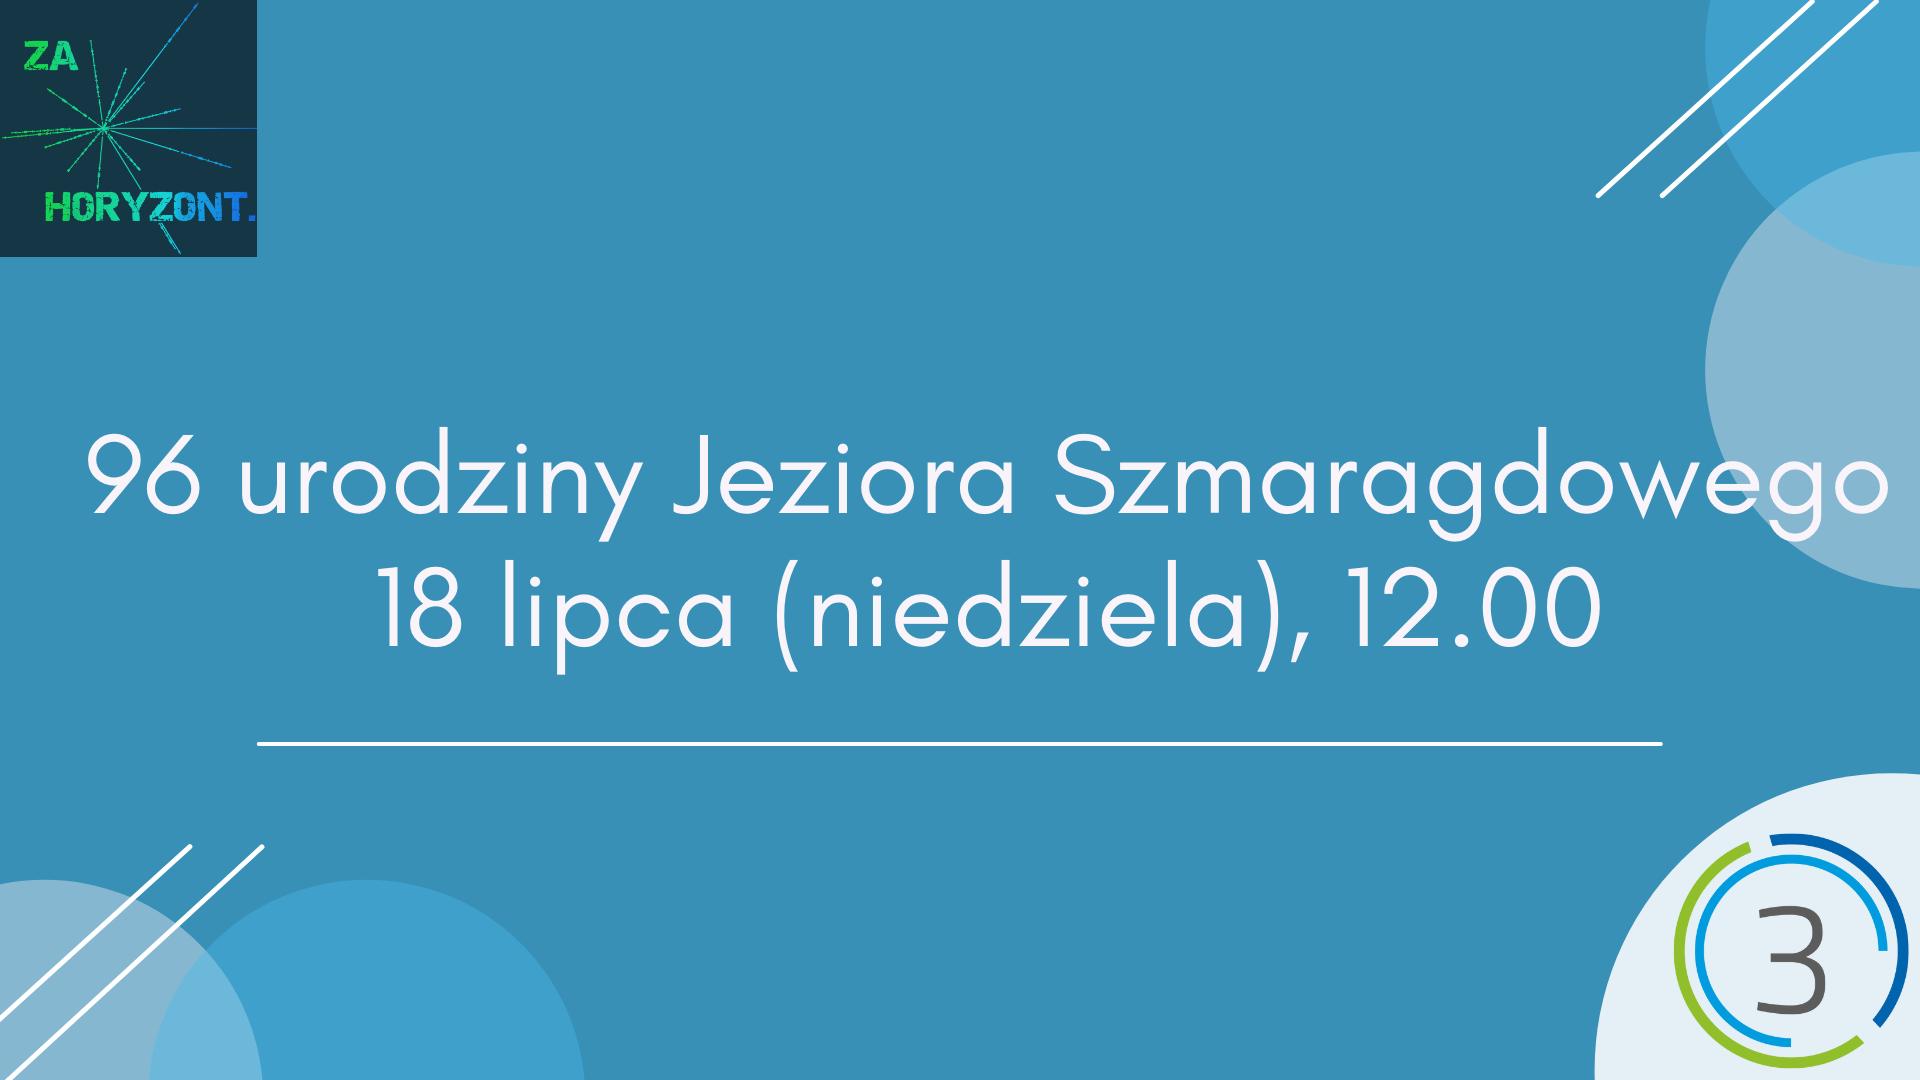 Na niebieskim tle w centrum grafiki znajduje się napis 96 urodziny Jeziora Szmaragdowego, 17 lipca (niedziela), godzina 12.00. W lewym górnym rogu znajduje się logotyp Fundacji Kamienica1. W prawym dolnym rogu znajduje się logotyp Sektor 3 Szczecin